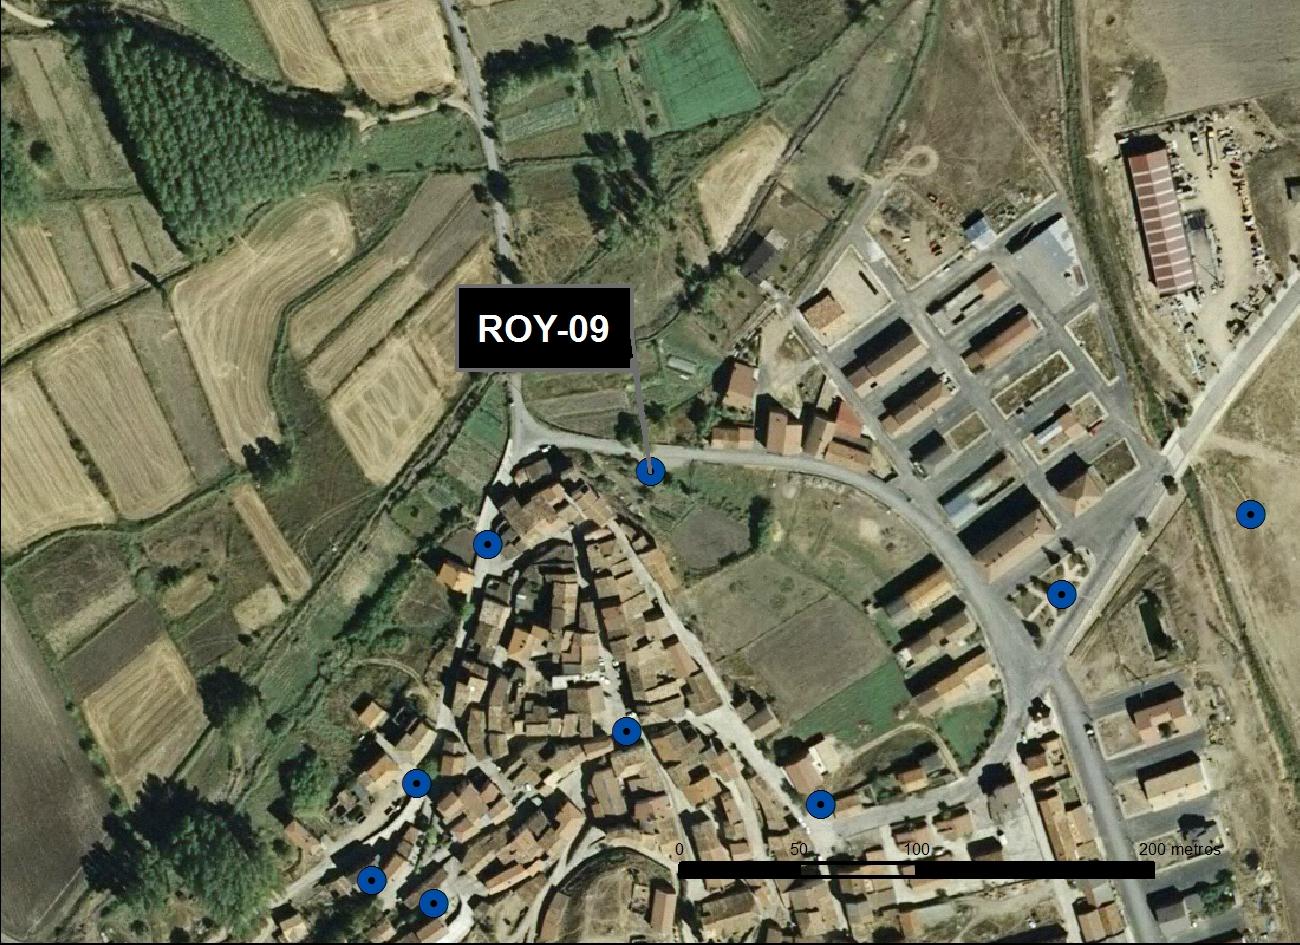 ROY_09_M.V.LOZANO_ BARREGUILLA_ORTO 1